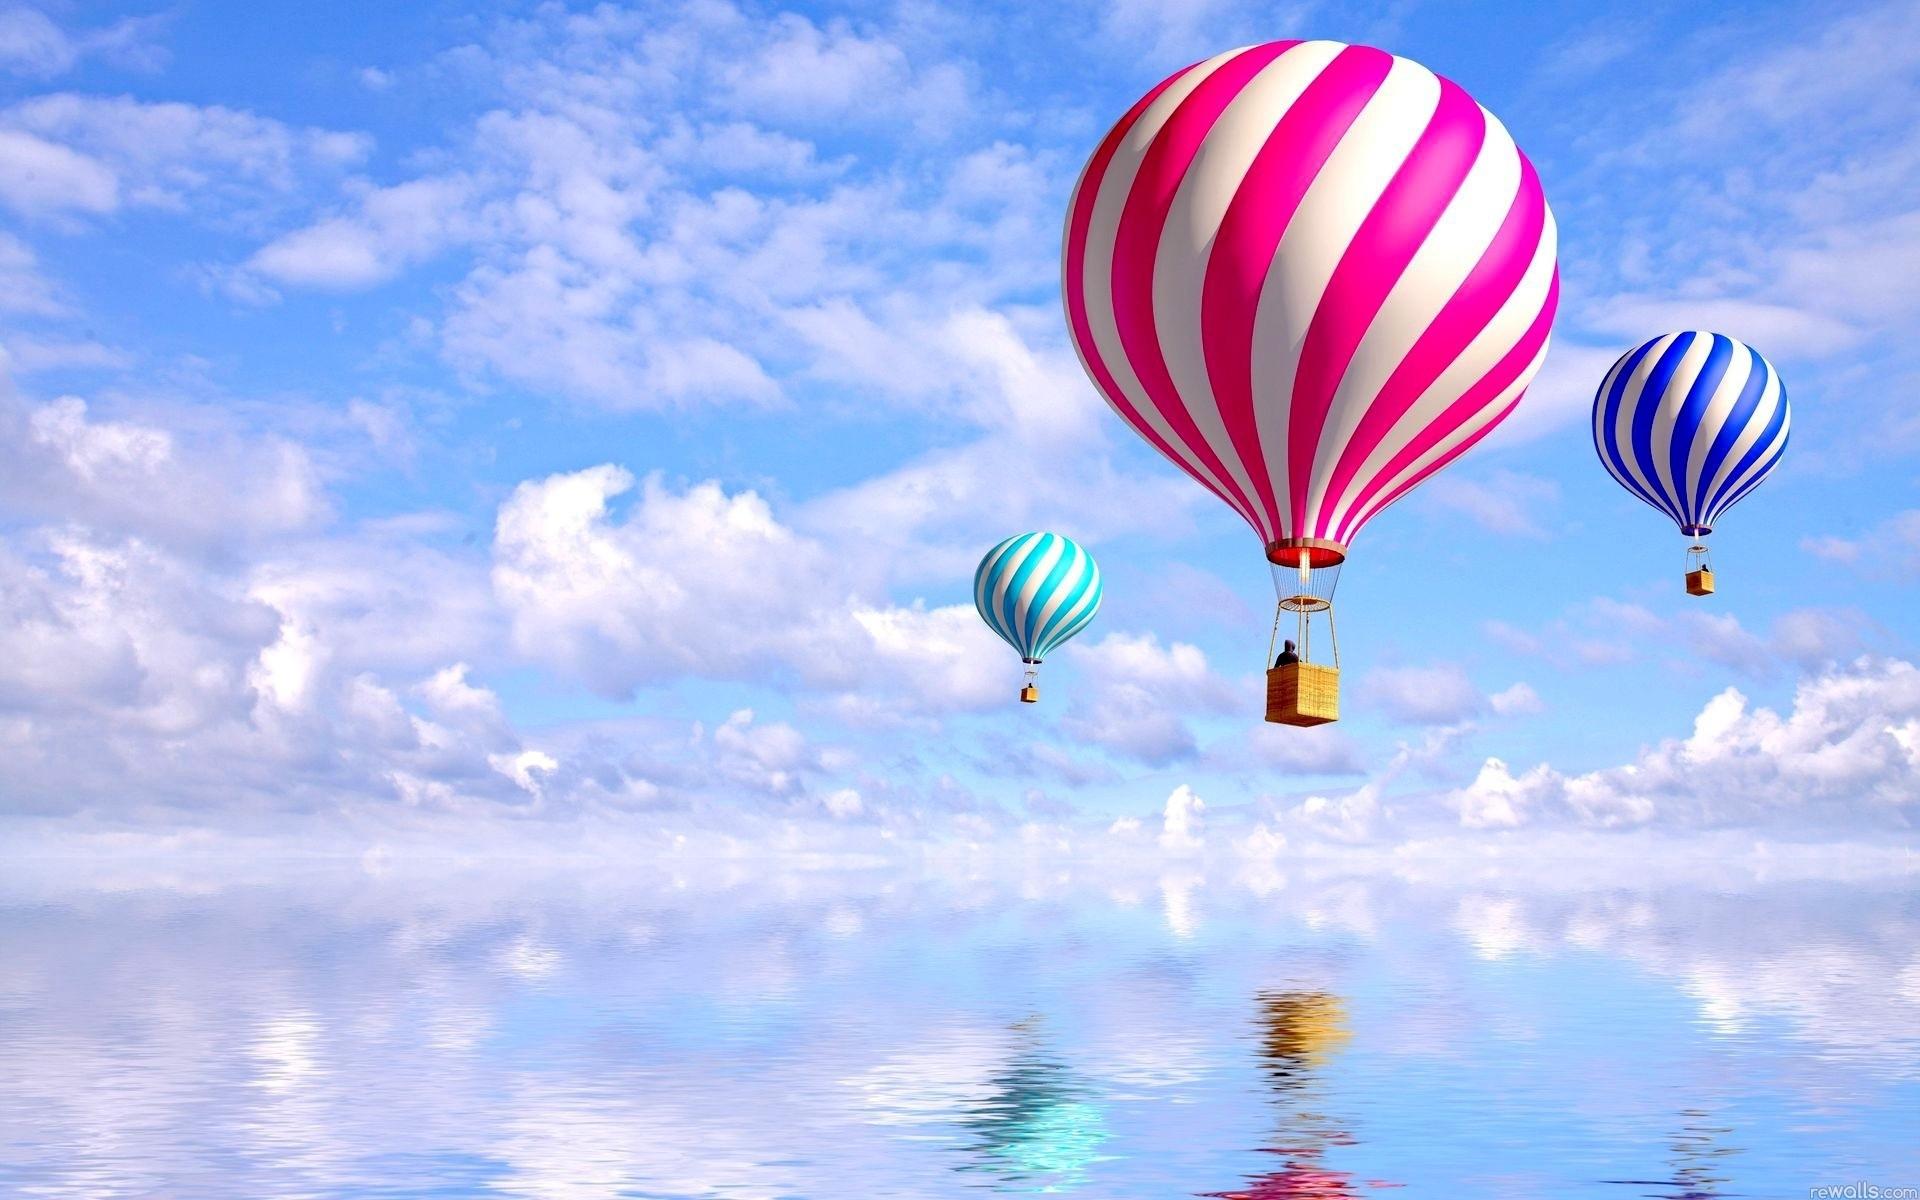 Купить полет в подарок в Москве полет на воздушном шаре в